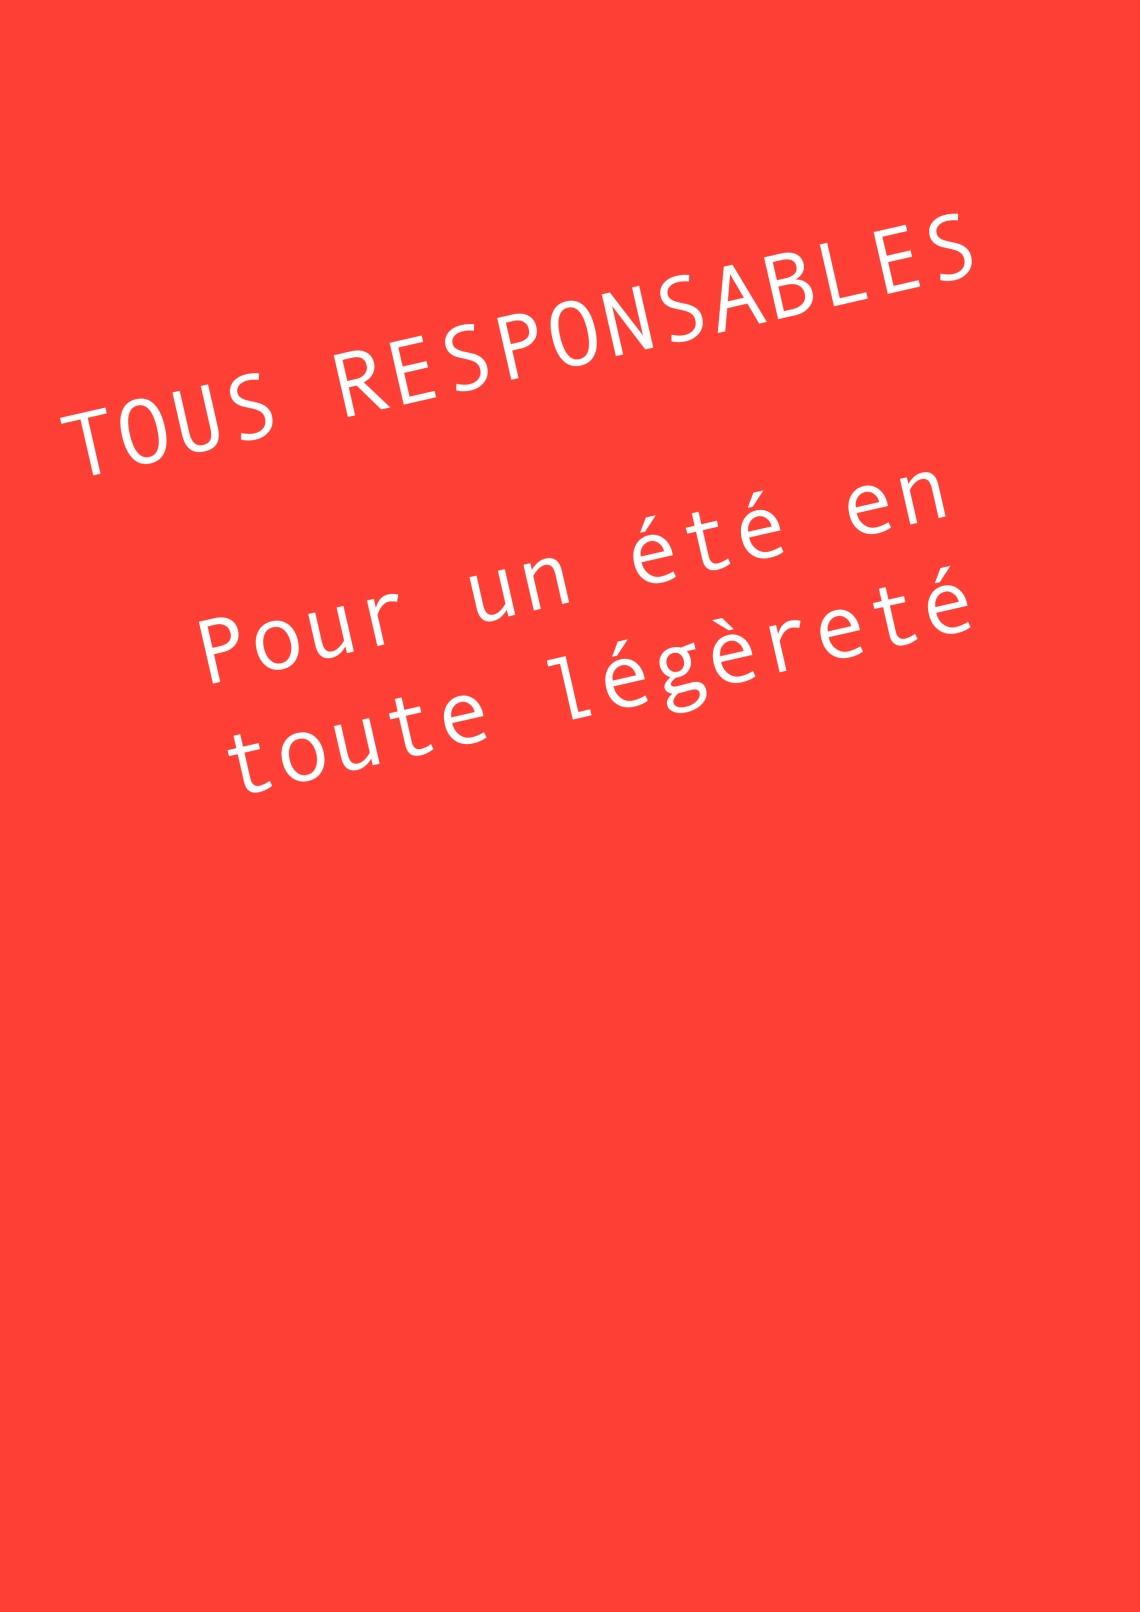 tous responsables